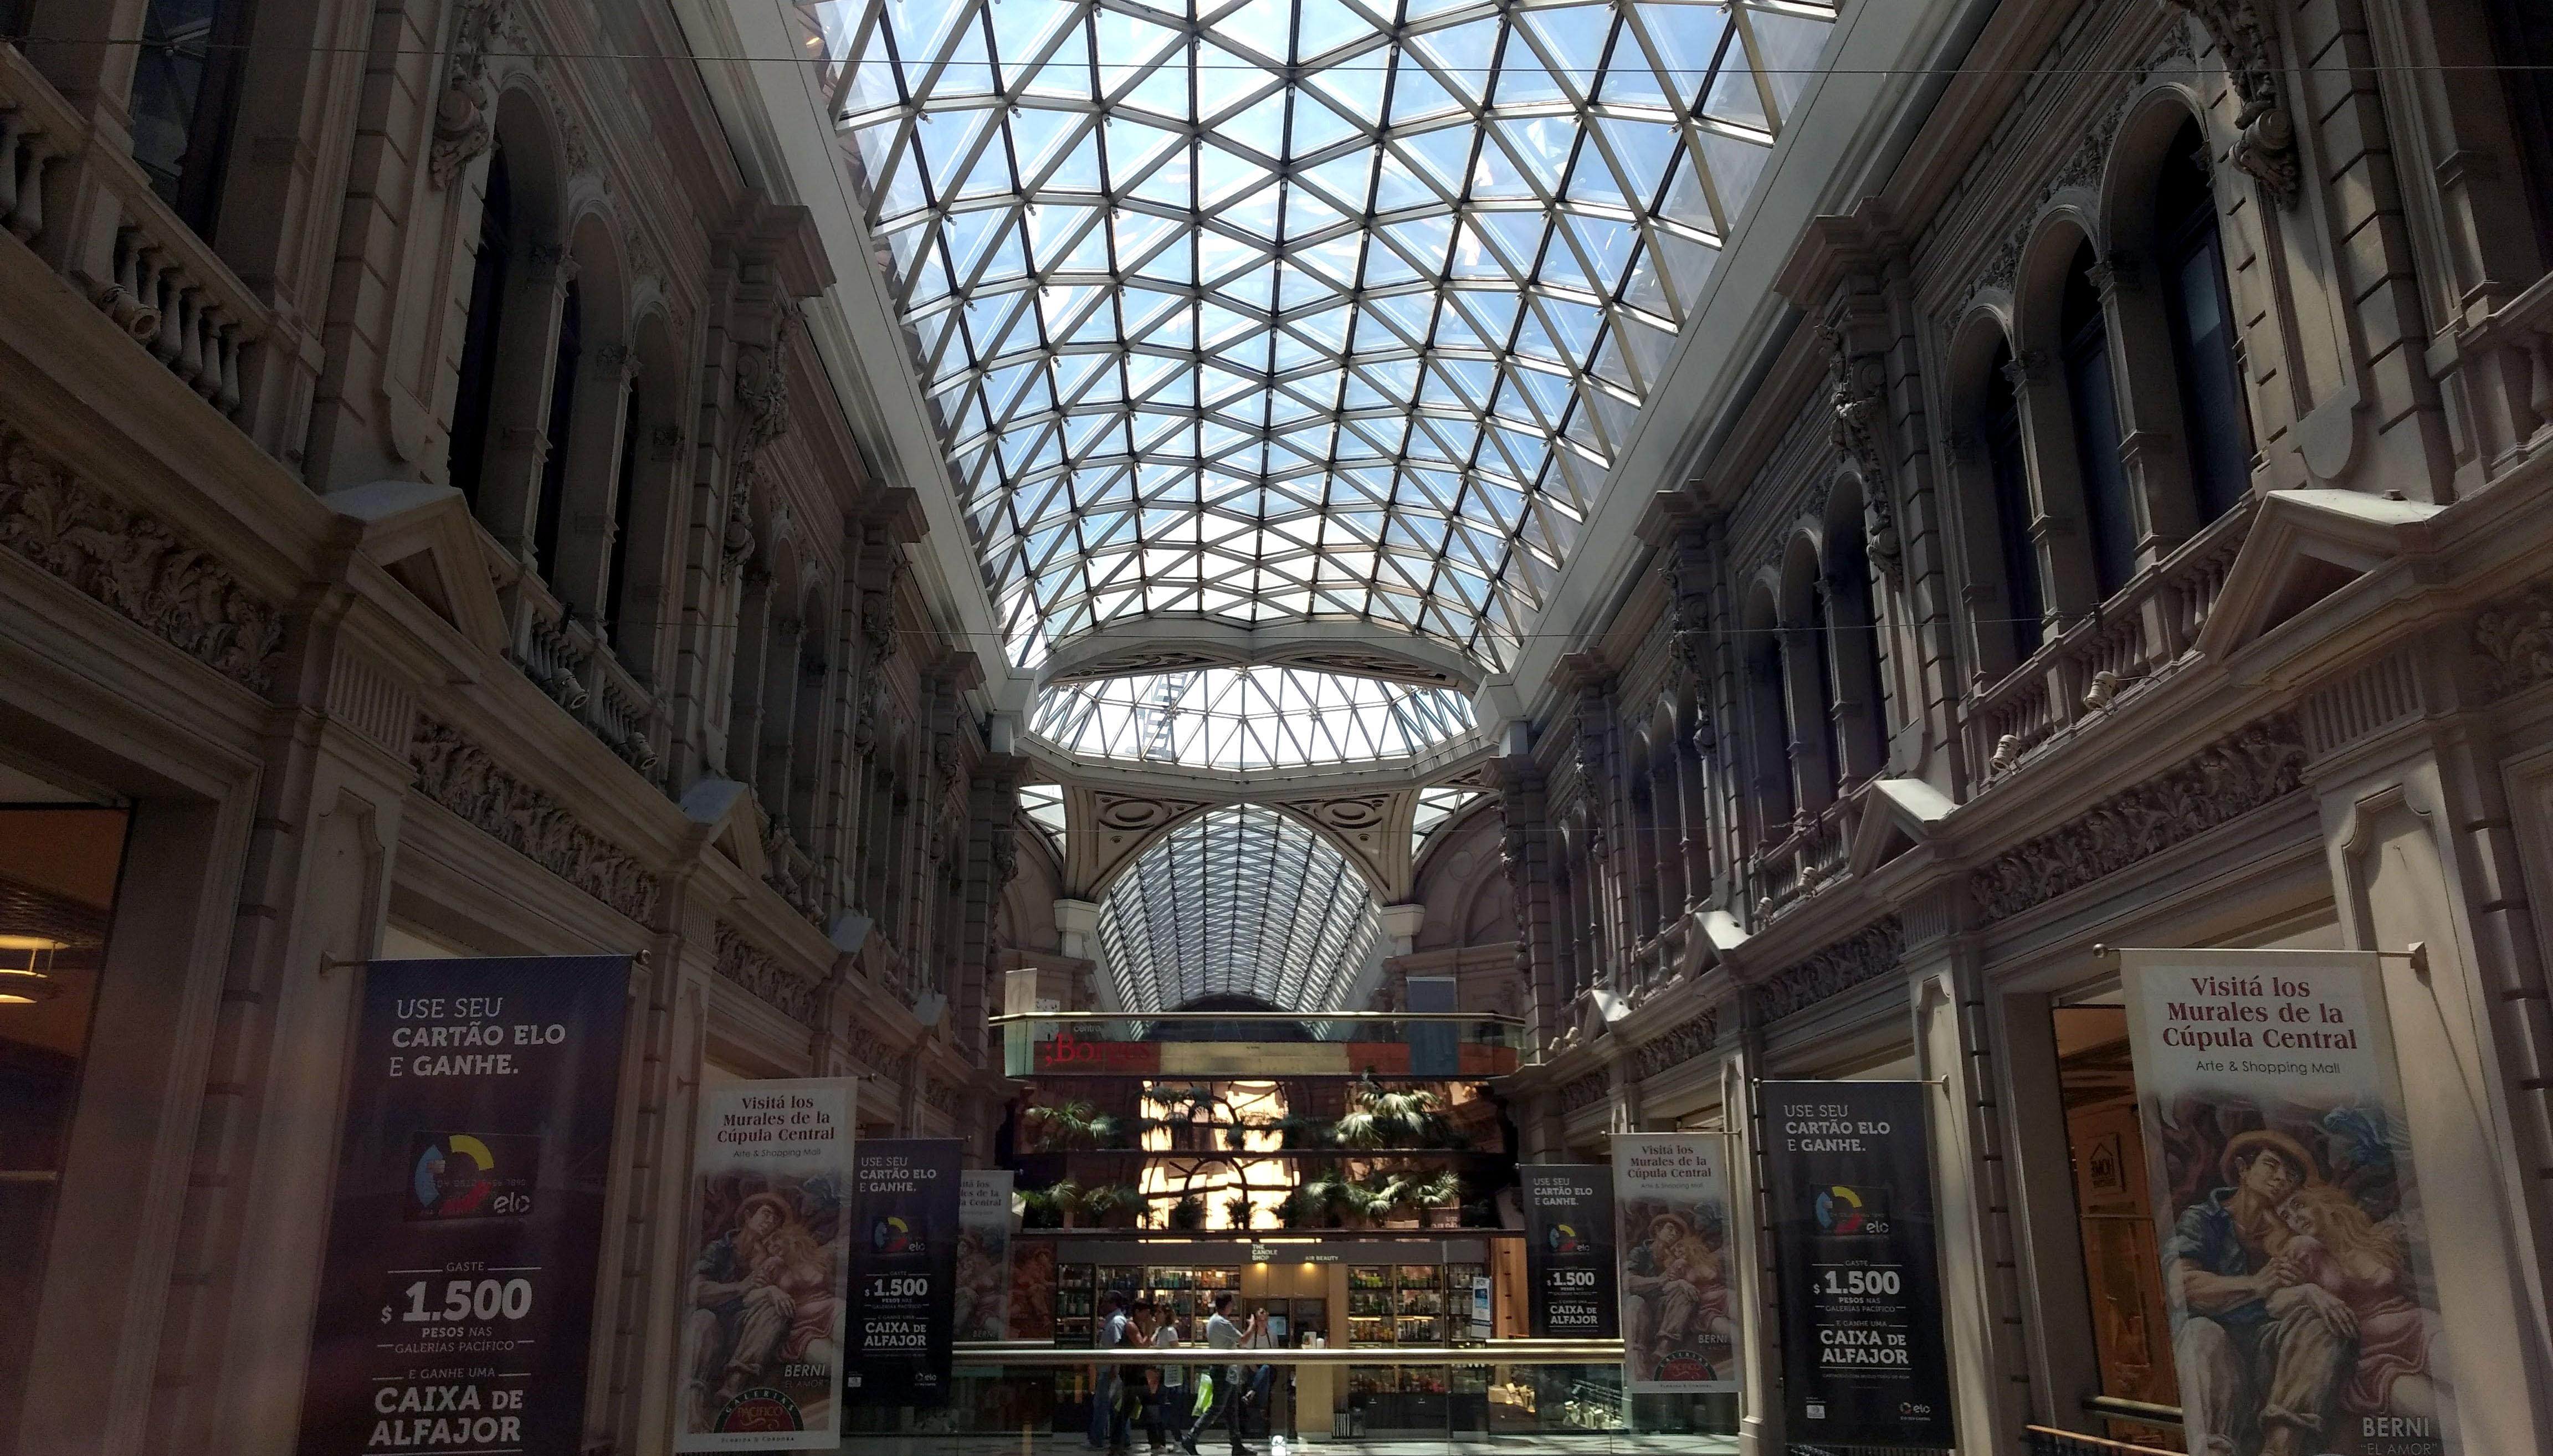 Shopping Galerias Pacifico Calle FLorida - 24 Horas em Buenos Aires